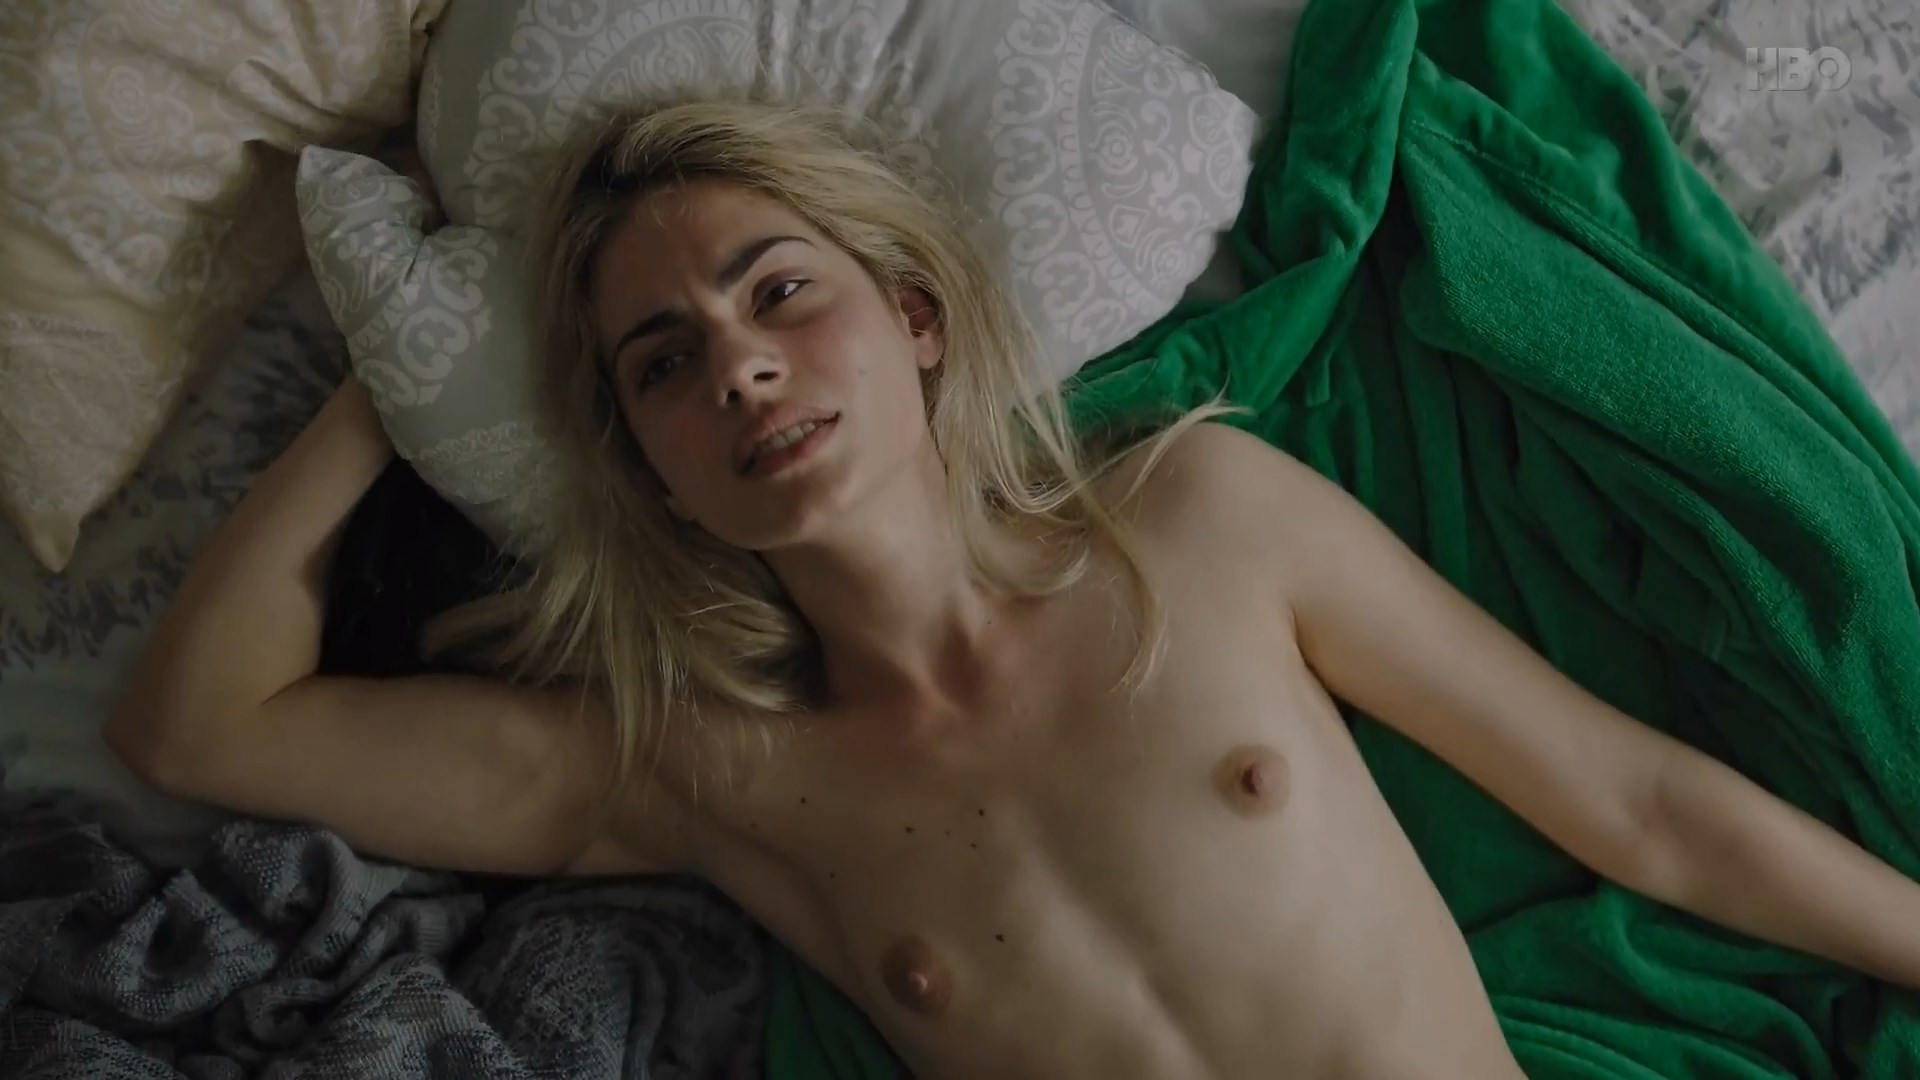 Tara Thaller nude - Uspjeh s01e04 (2019)